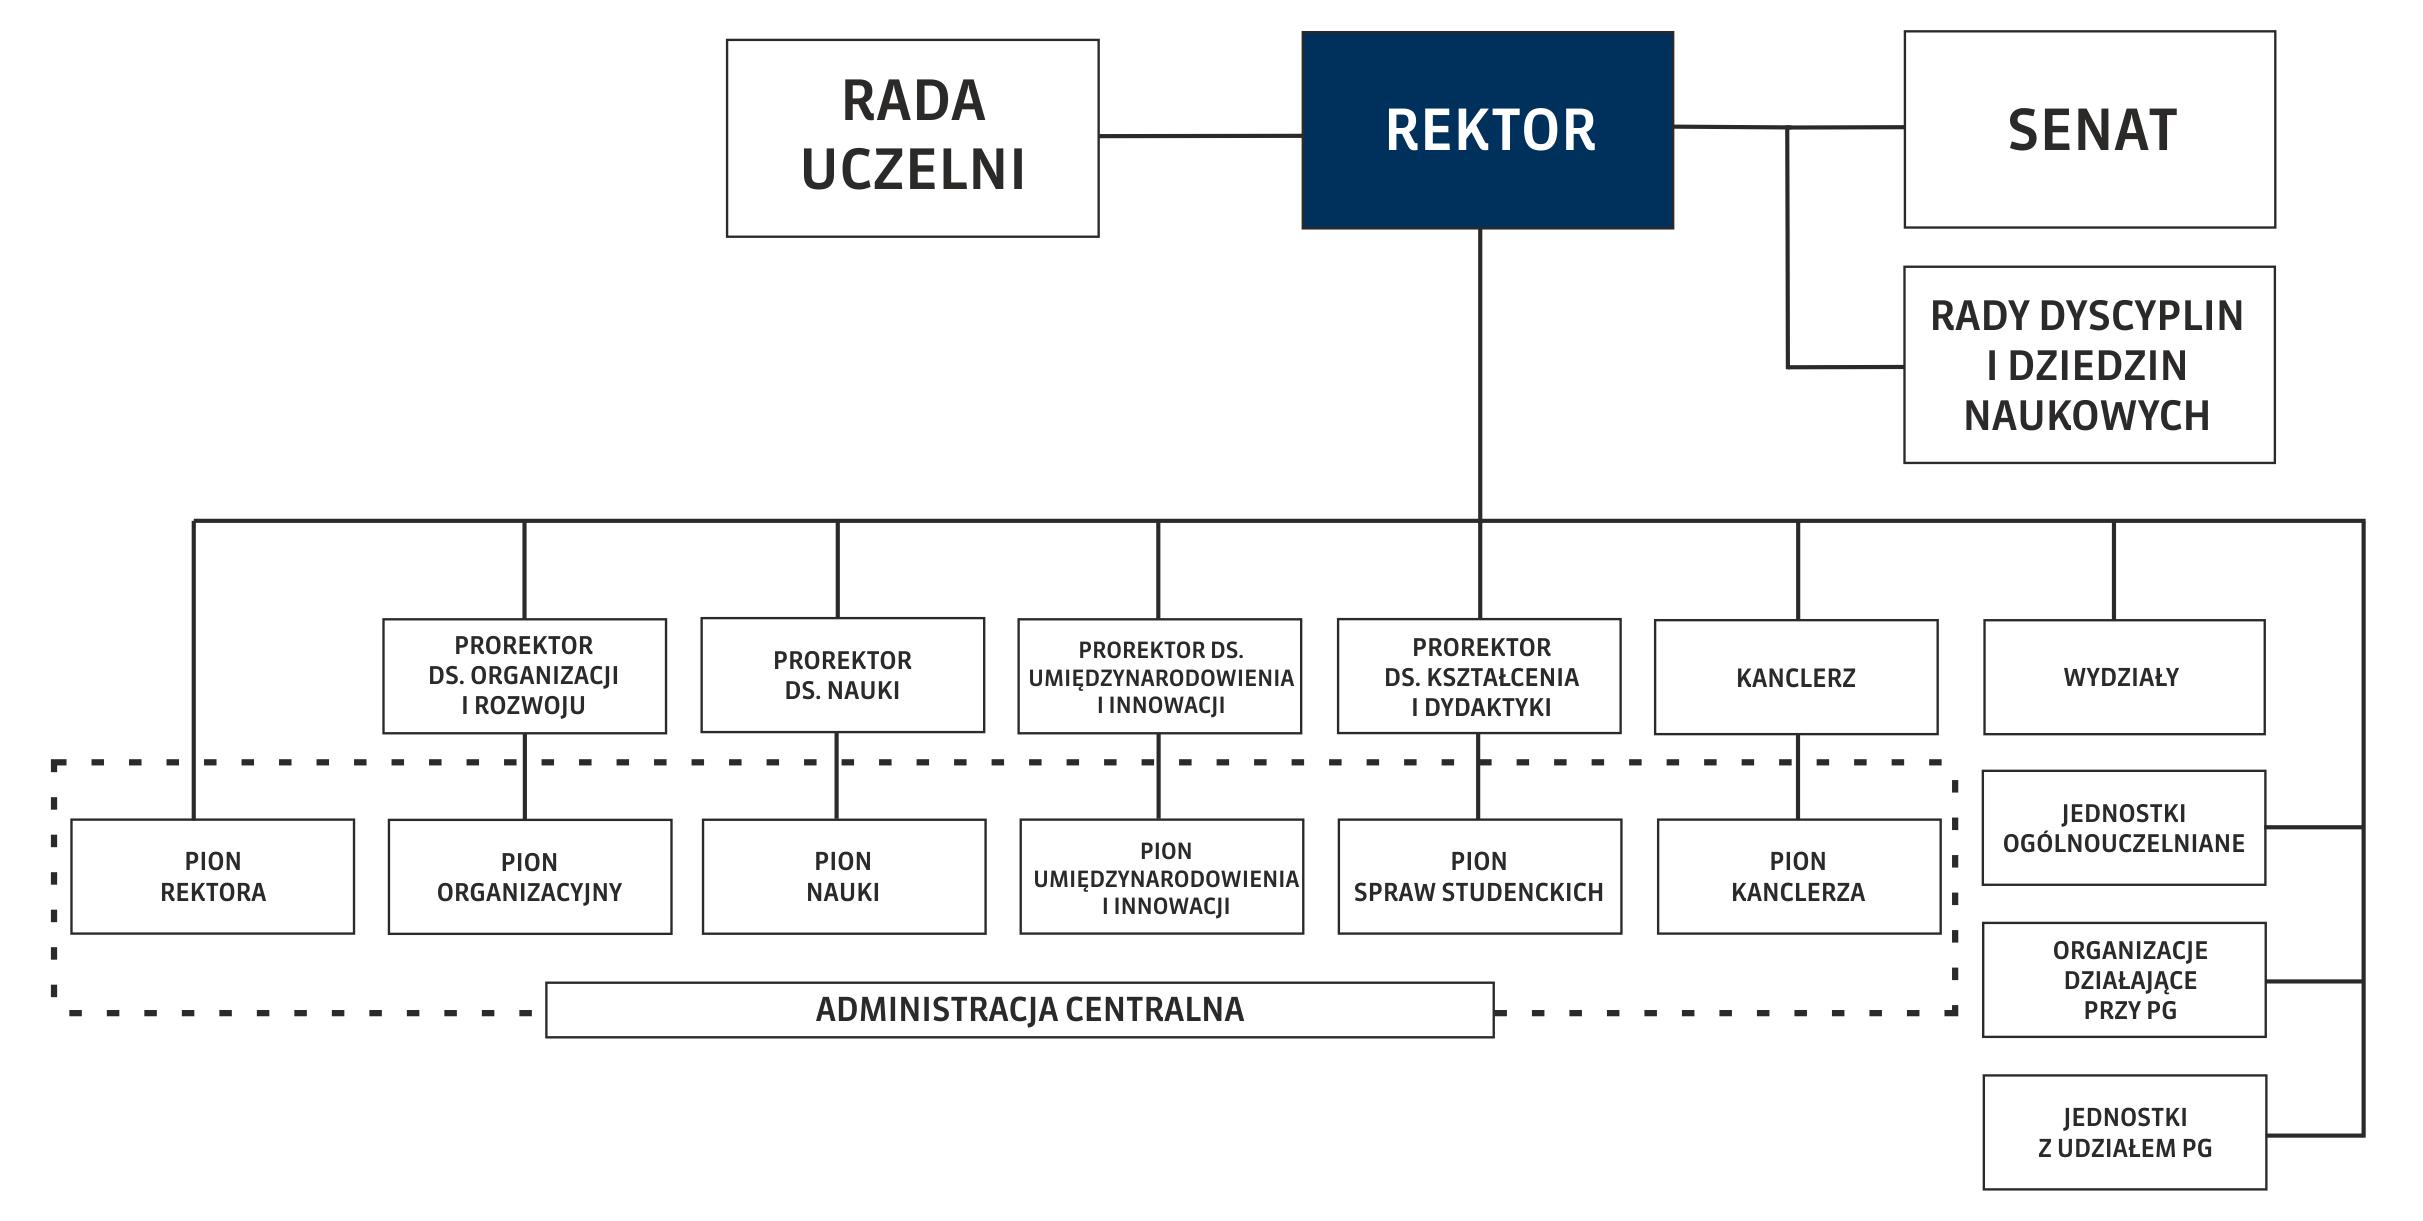 Struktura organizacyjna Politechniki Gdańskiej